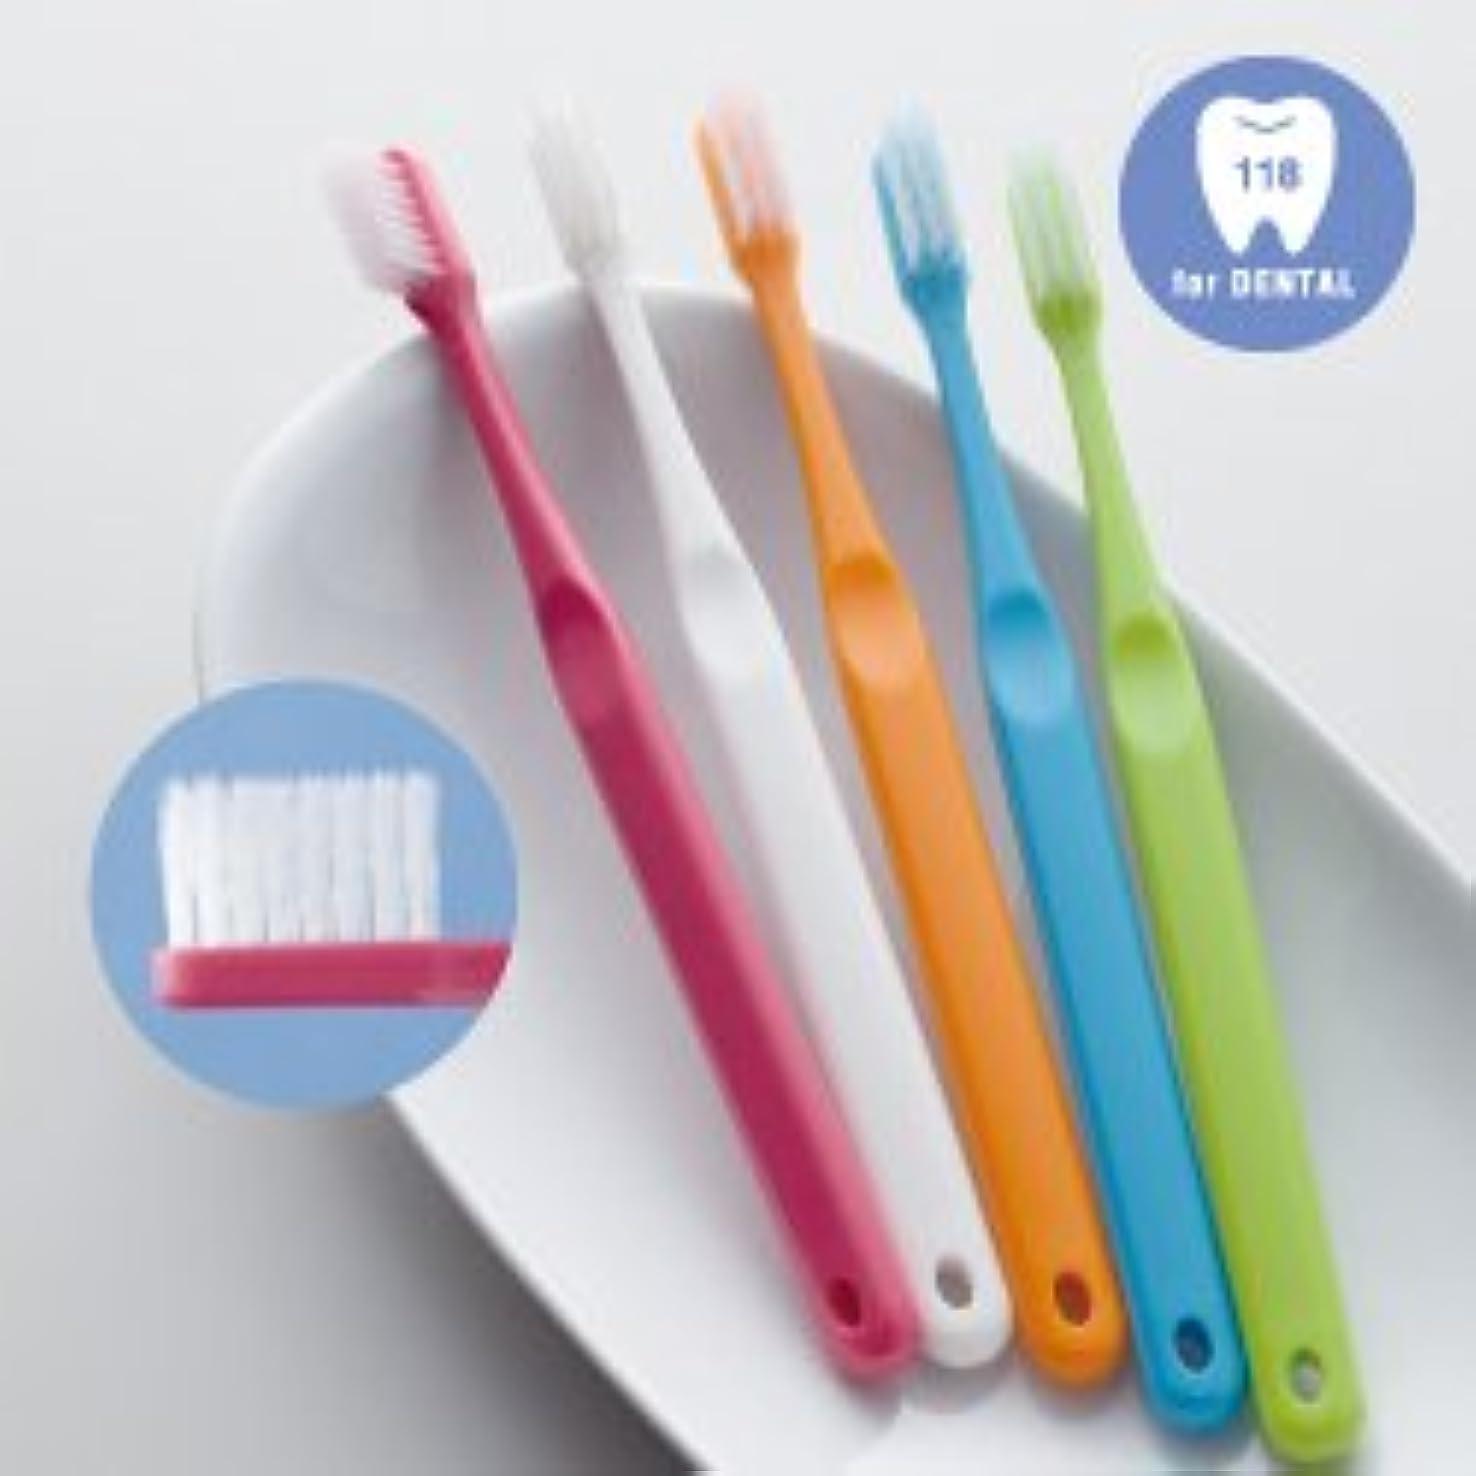 興奮する認識悔い改め歯科専用歯ブラシ 118SERIES ZERO 超先細 ふつう 25本